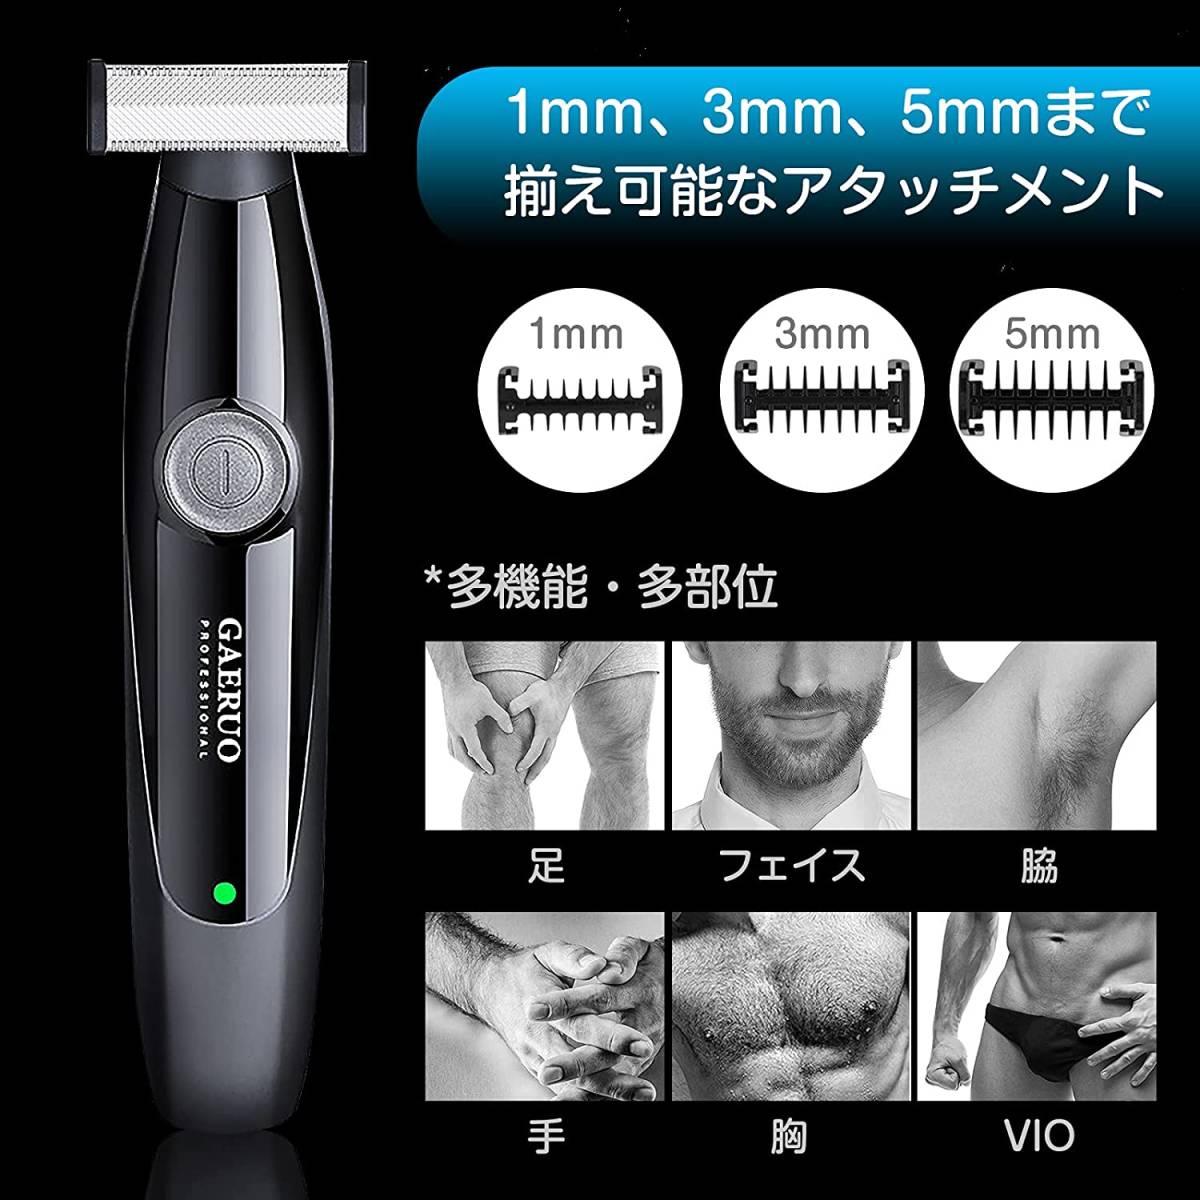 【送料無料】多機能 ボディシェーバー メンズシェーバー ムダ毛処理 充電式